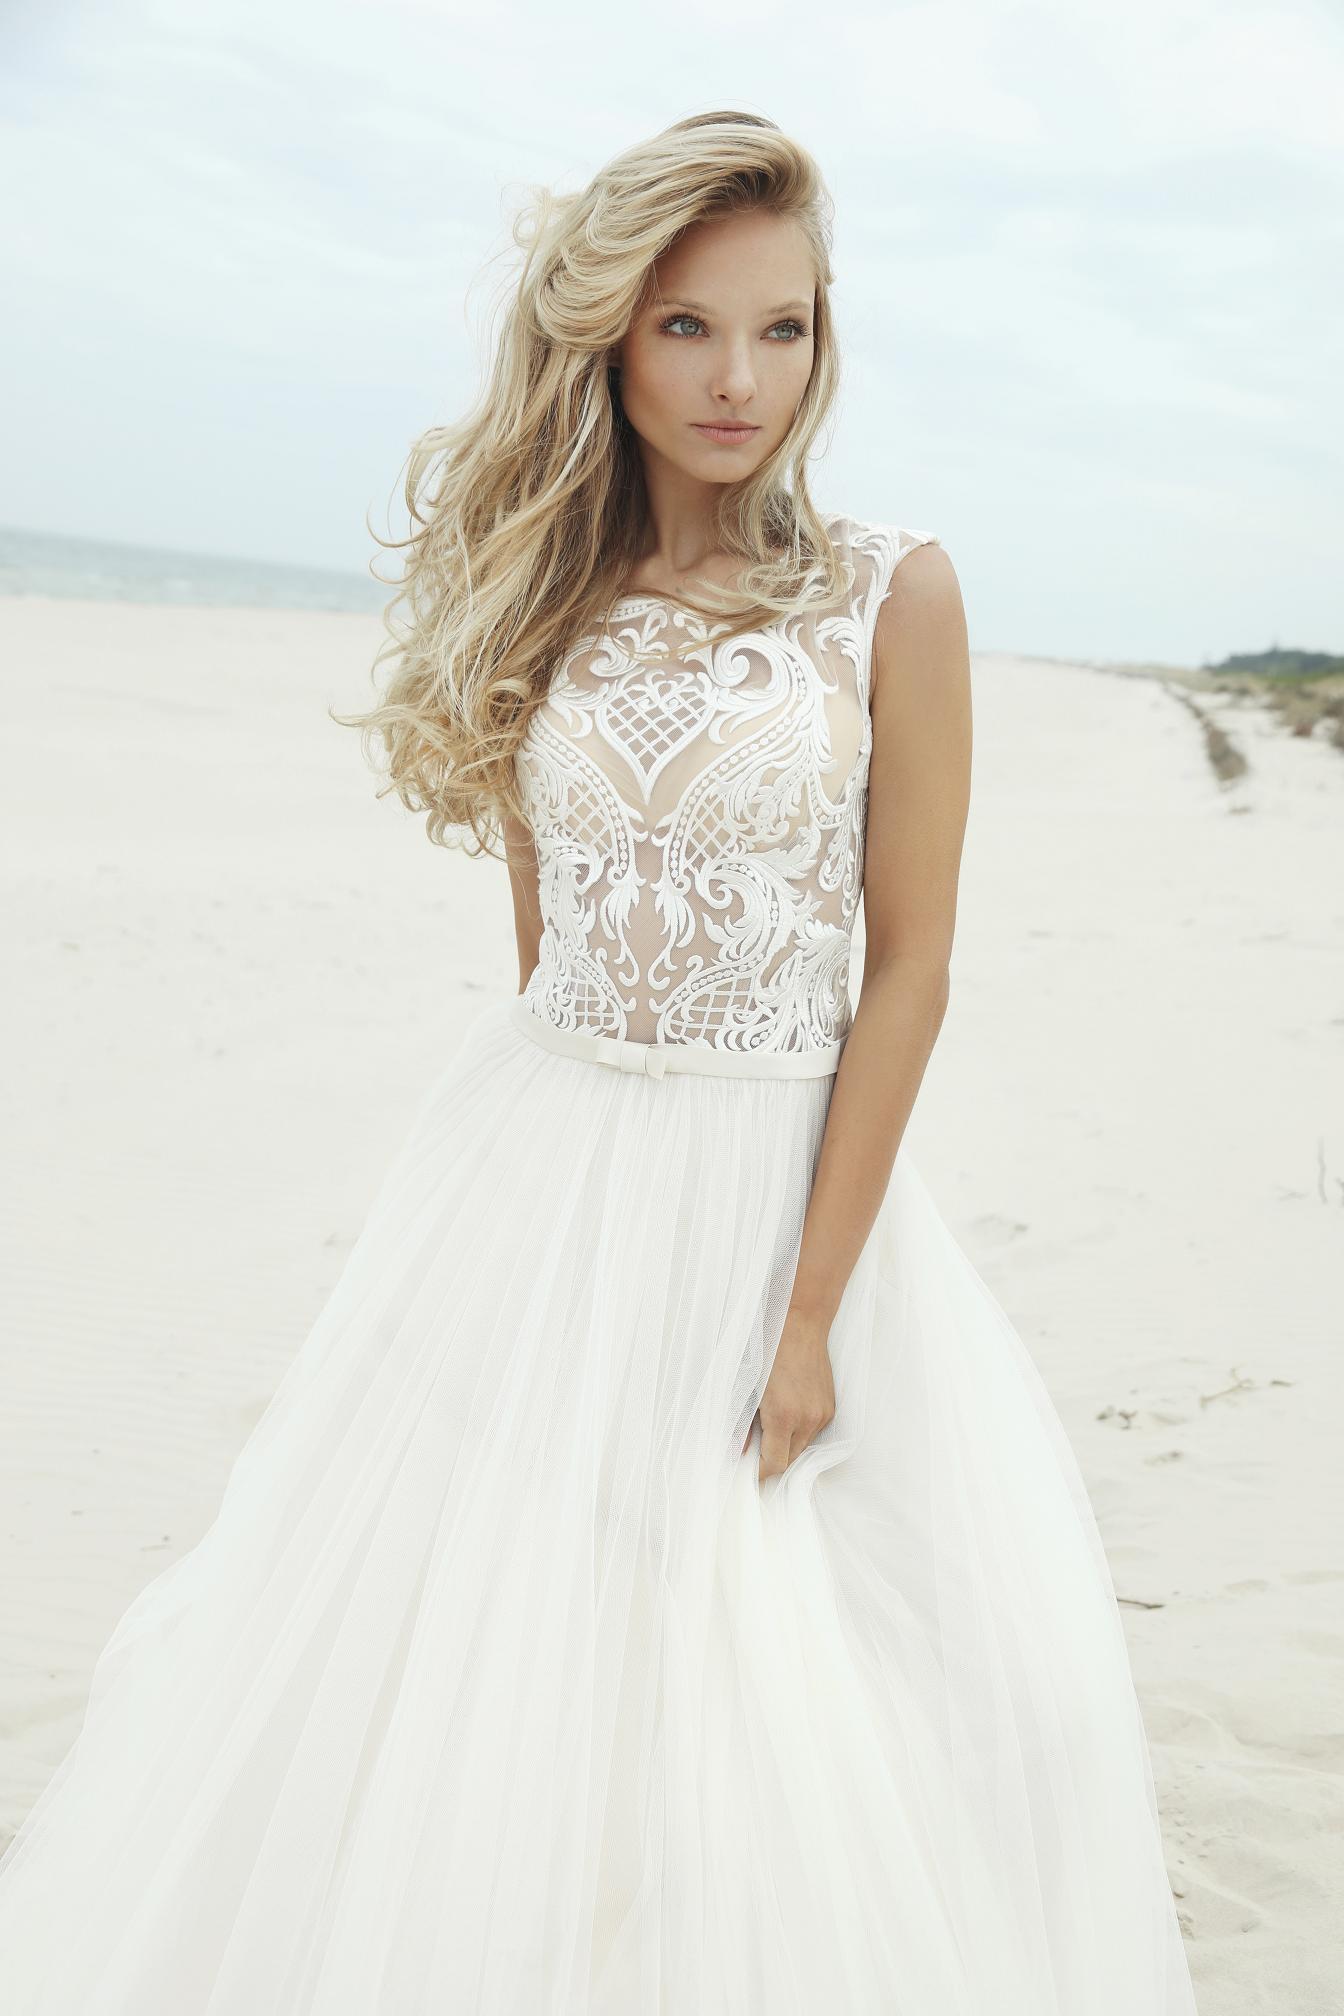 e965851e Suknia ślubna Bylantis - niezwykłe połączenie tiulu z haftami.